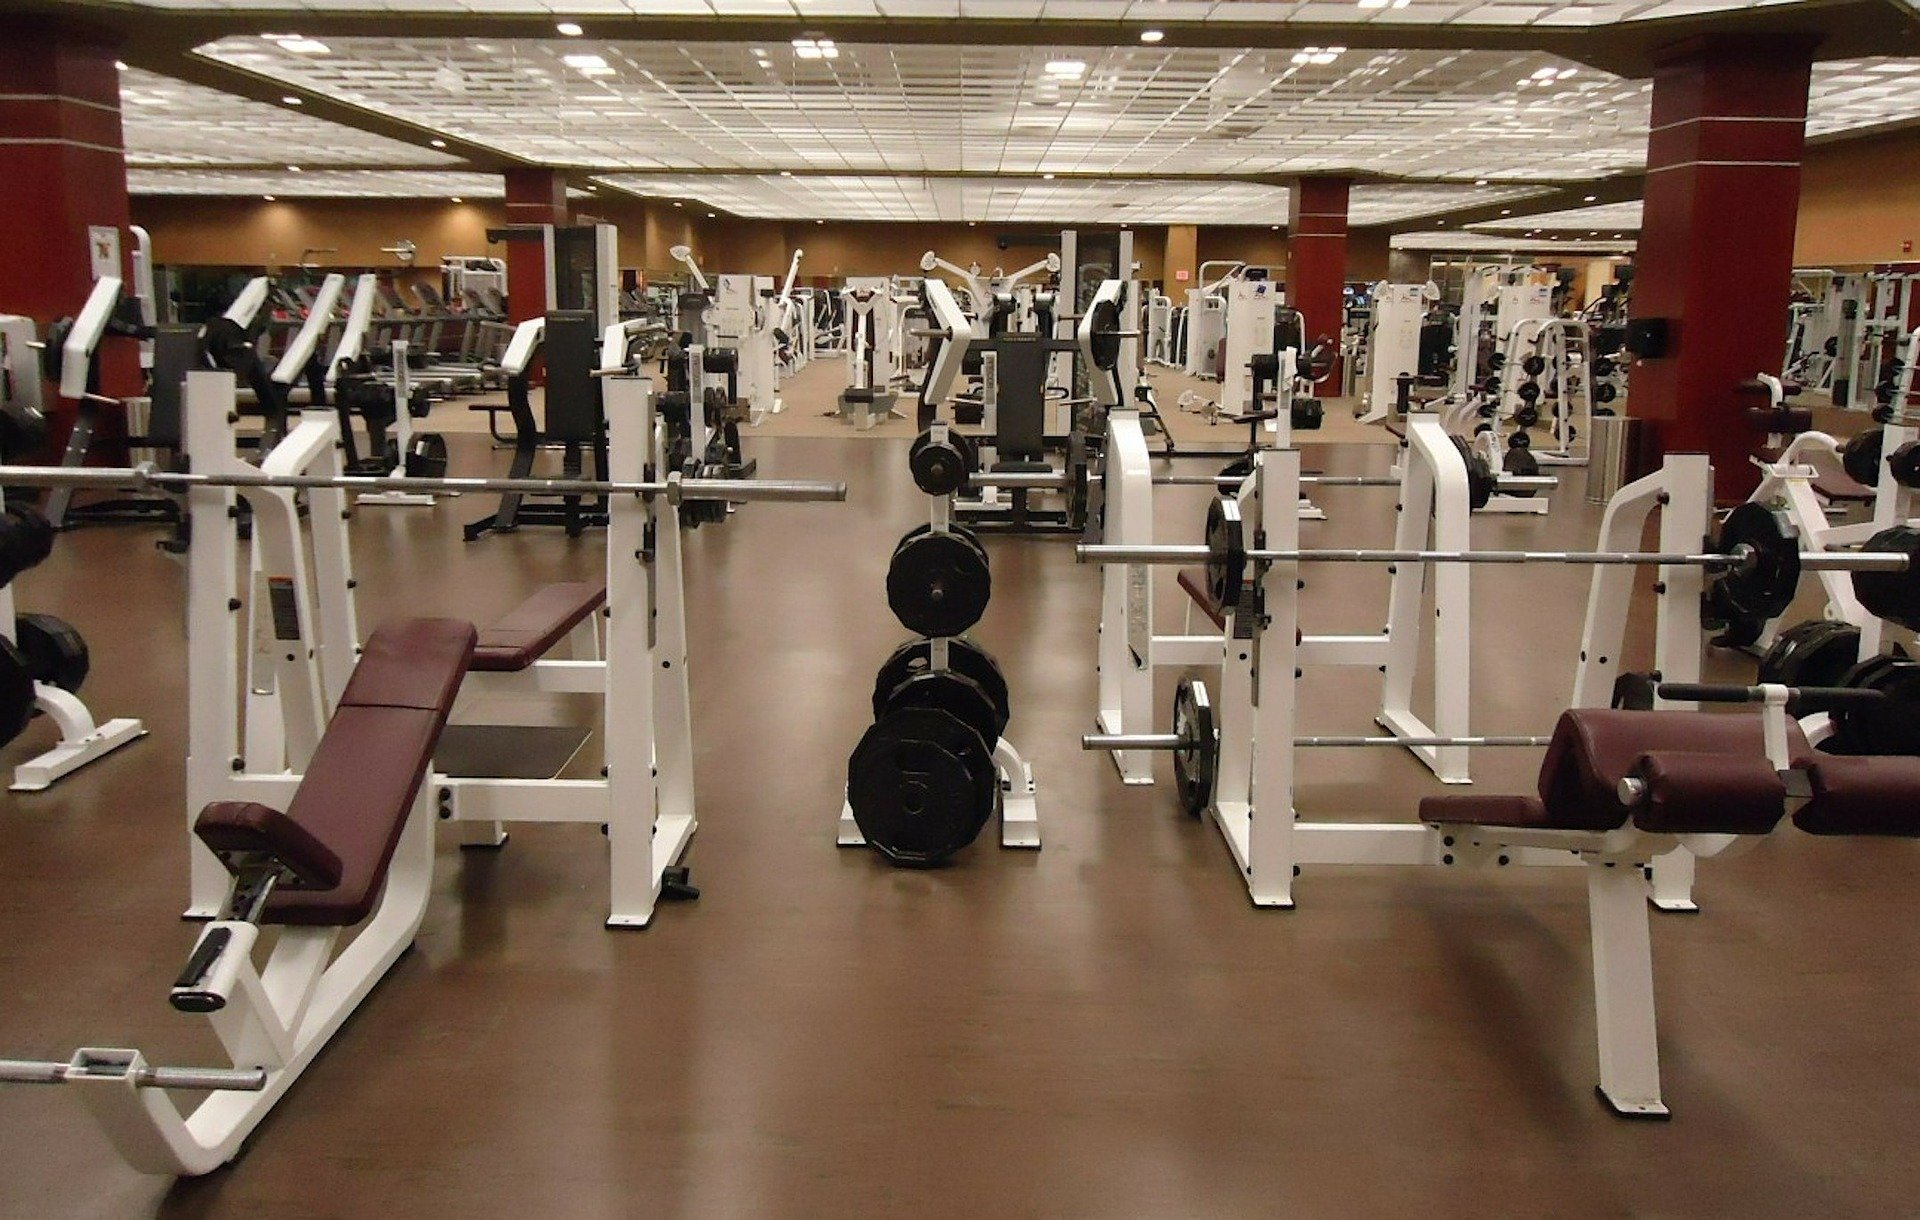 Verkauf von Fitnessstudios – Teil 1: Mietminderung und Vertragsanpassung?